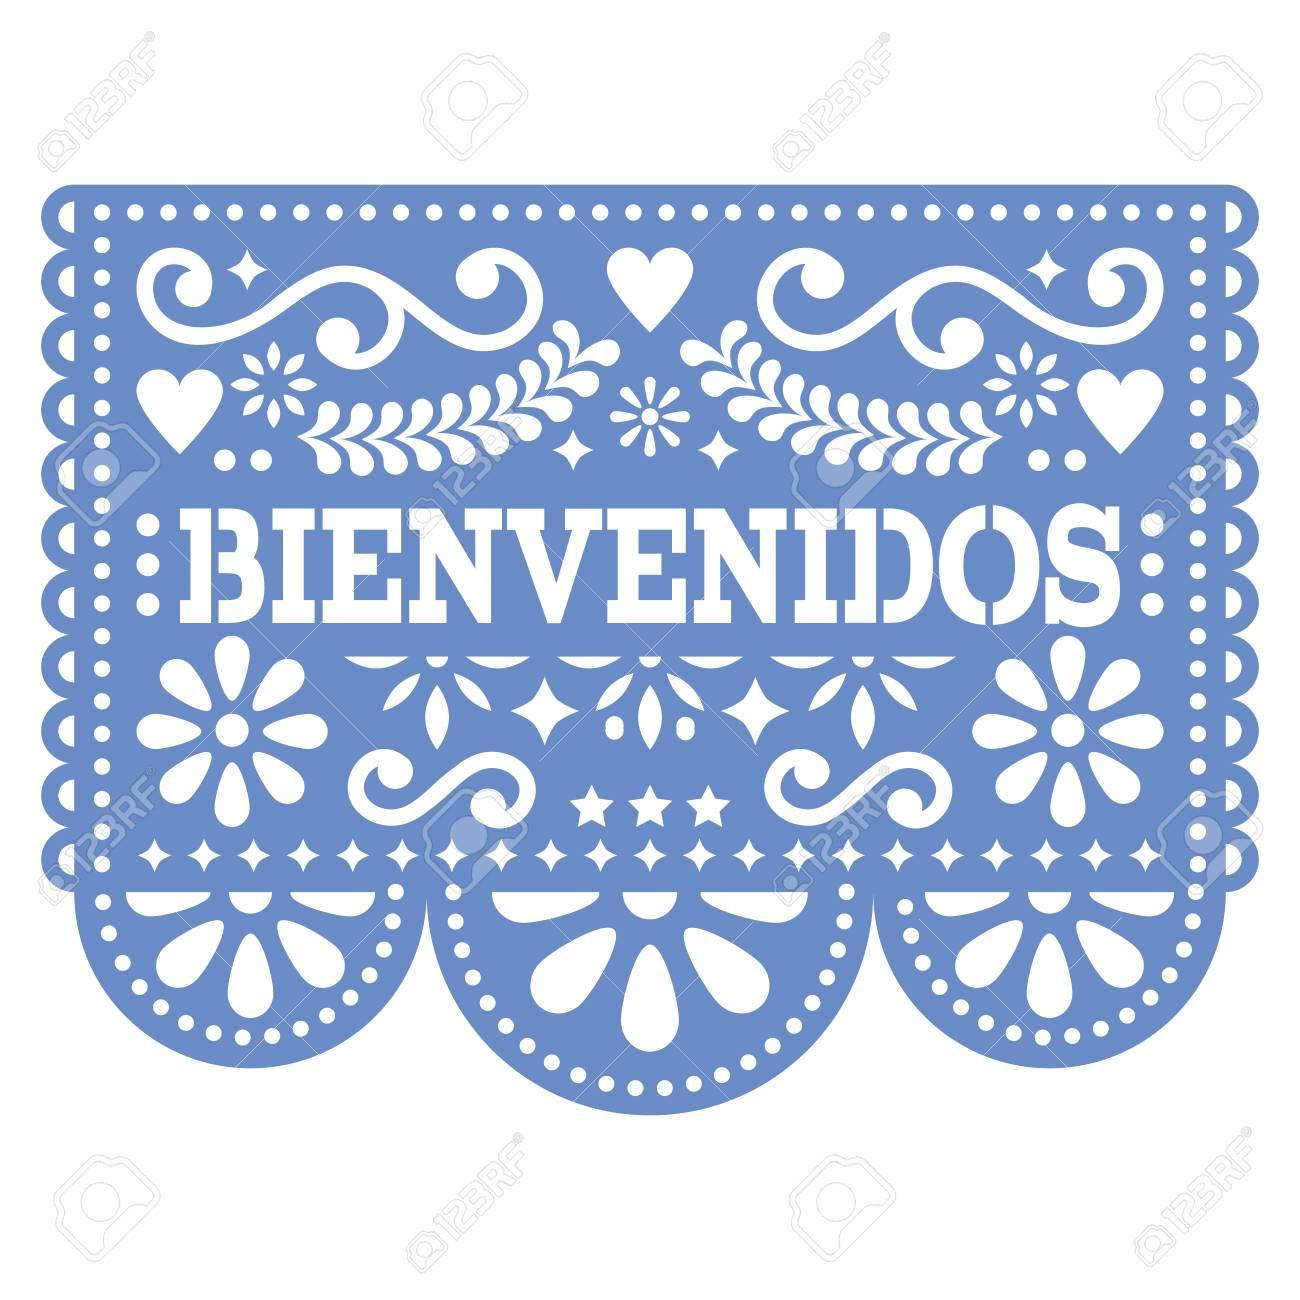 Papel Picado Bienvenidos Vector Design Mexican Welcome Paper